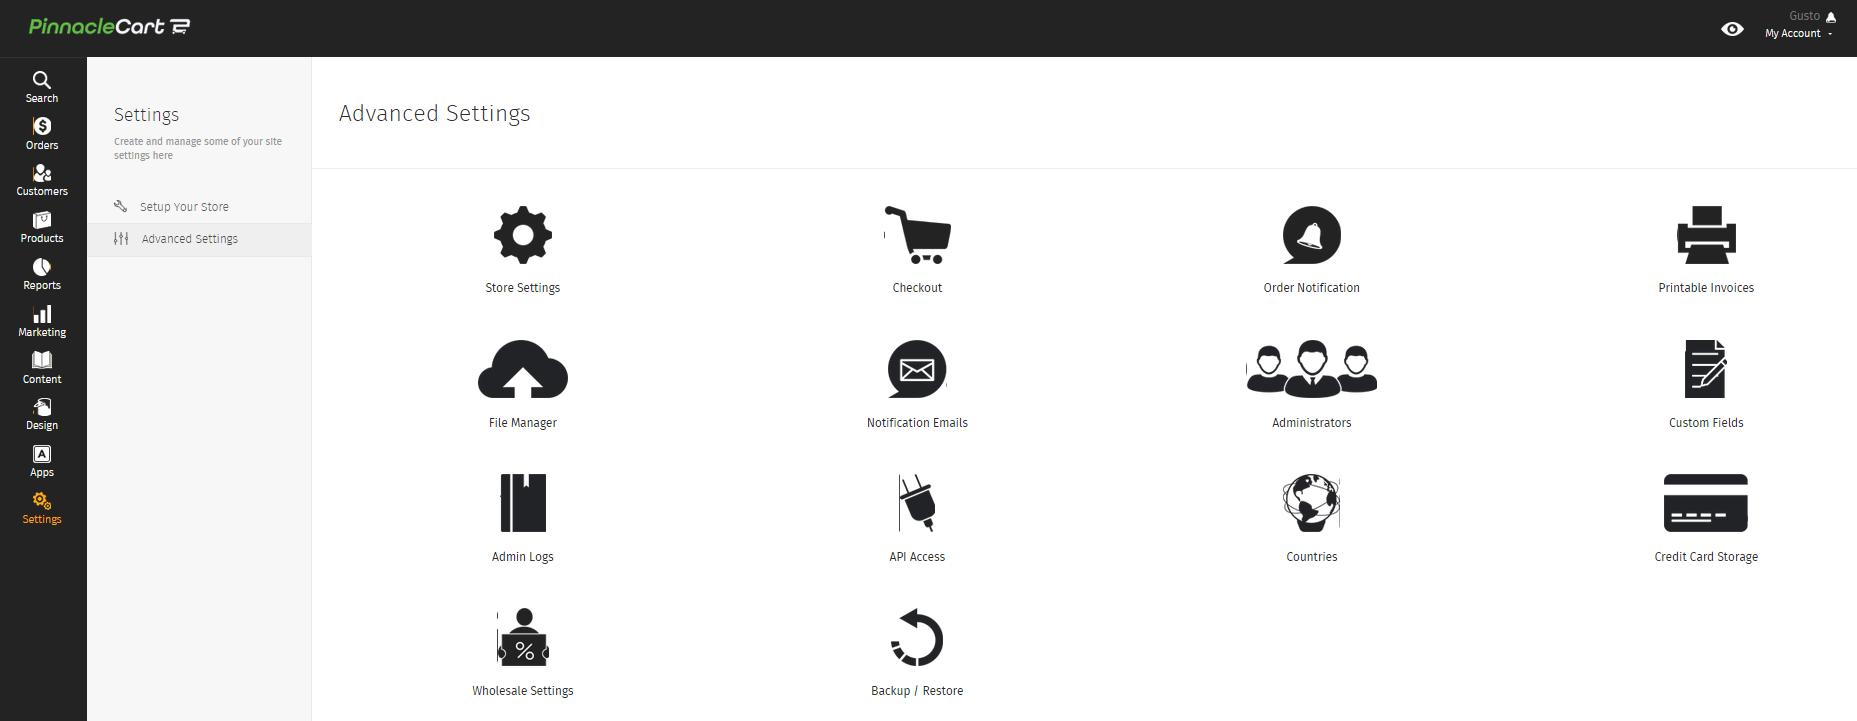 KB | Pinnacle Cart Knowledge Base